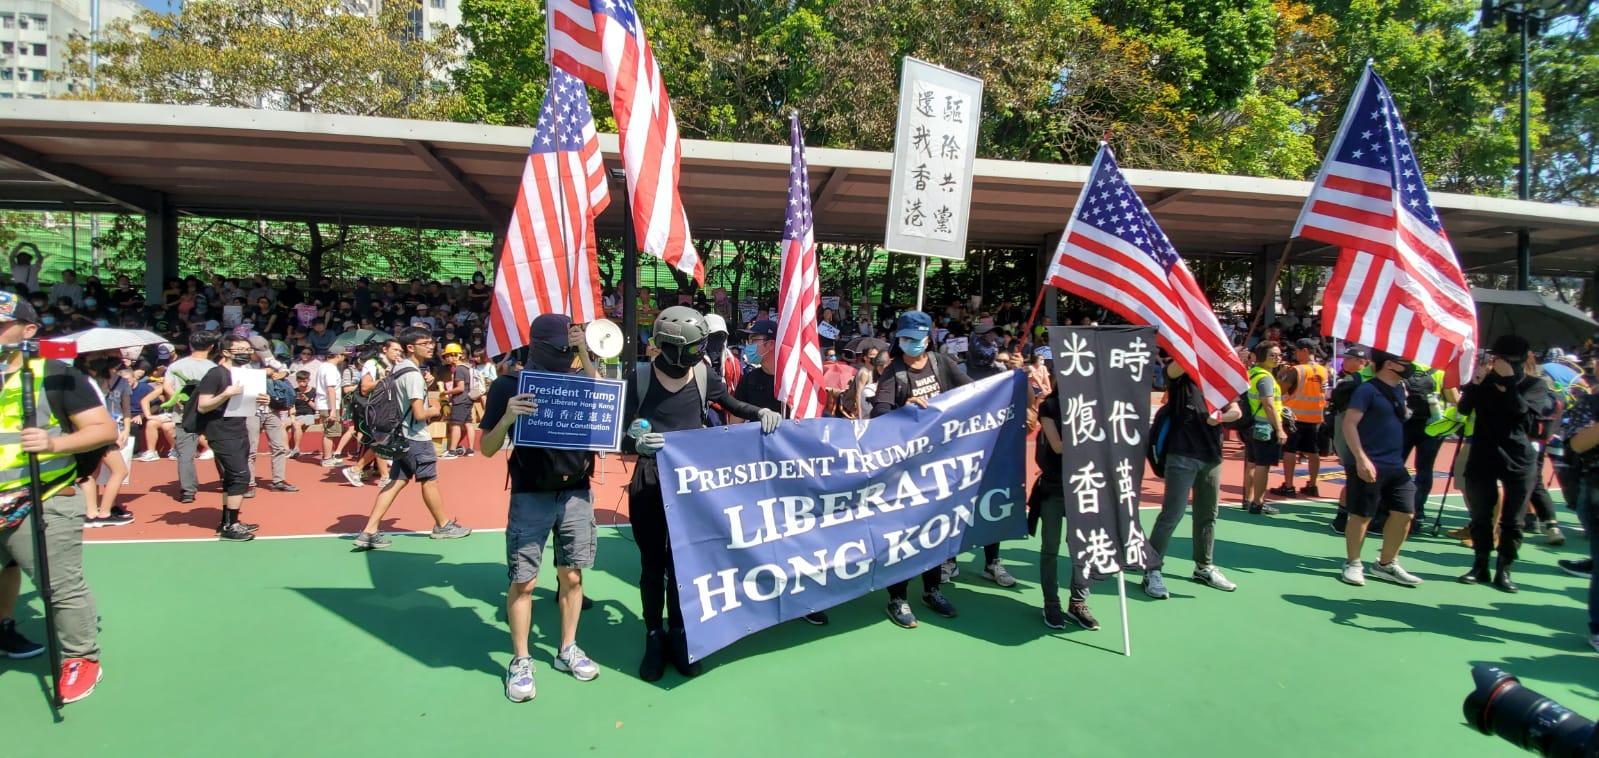 有參加者帶同美國國旗遊行。